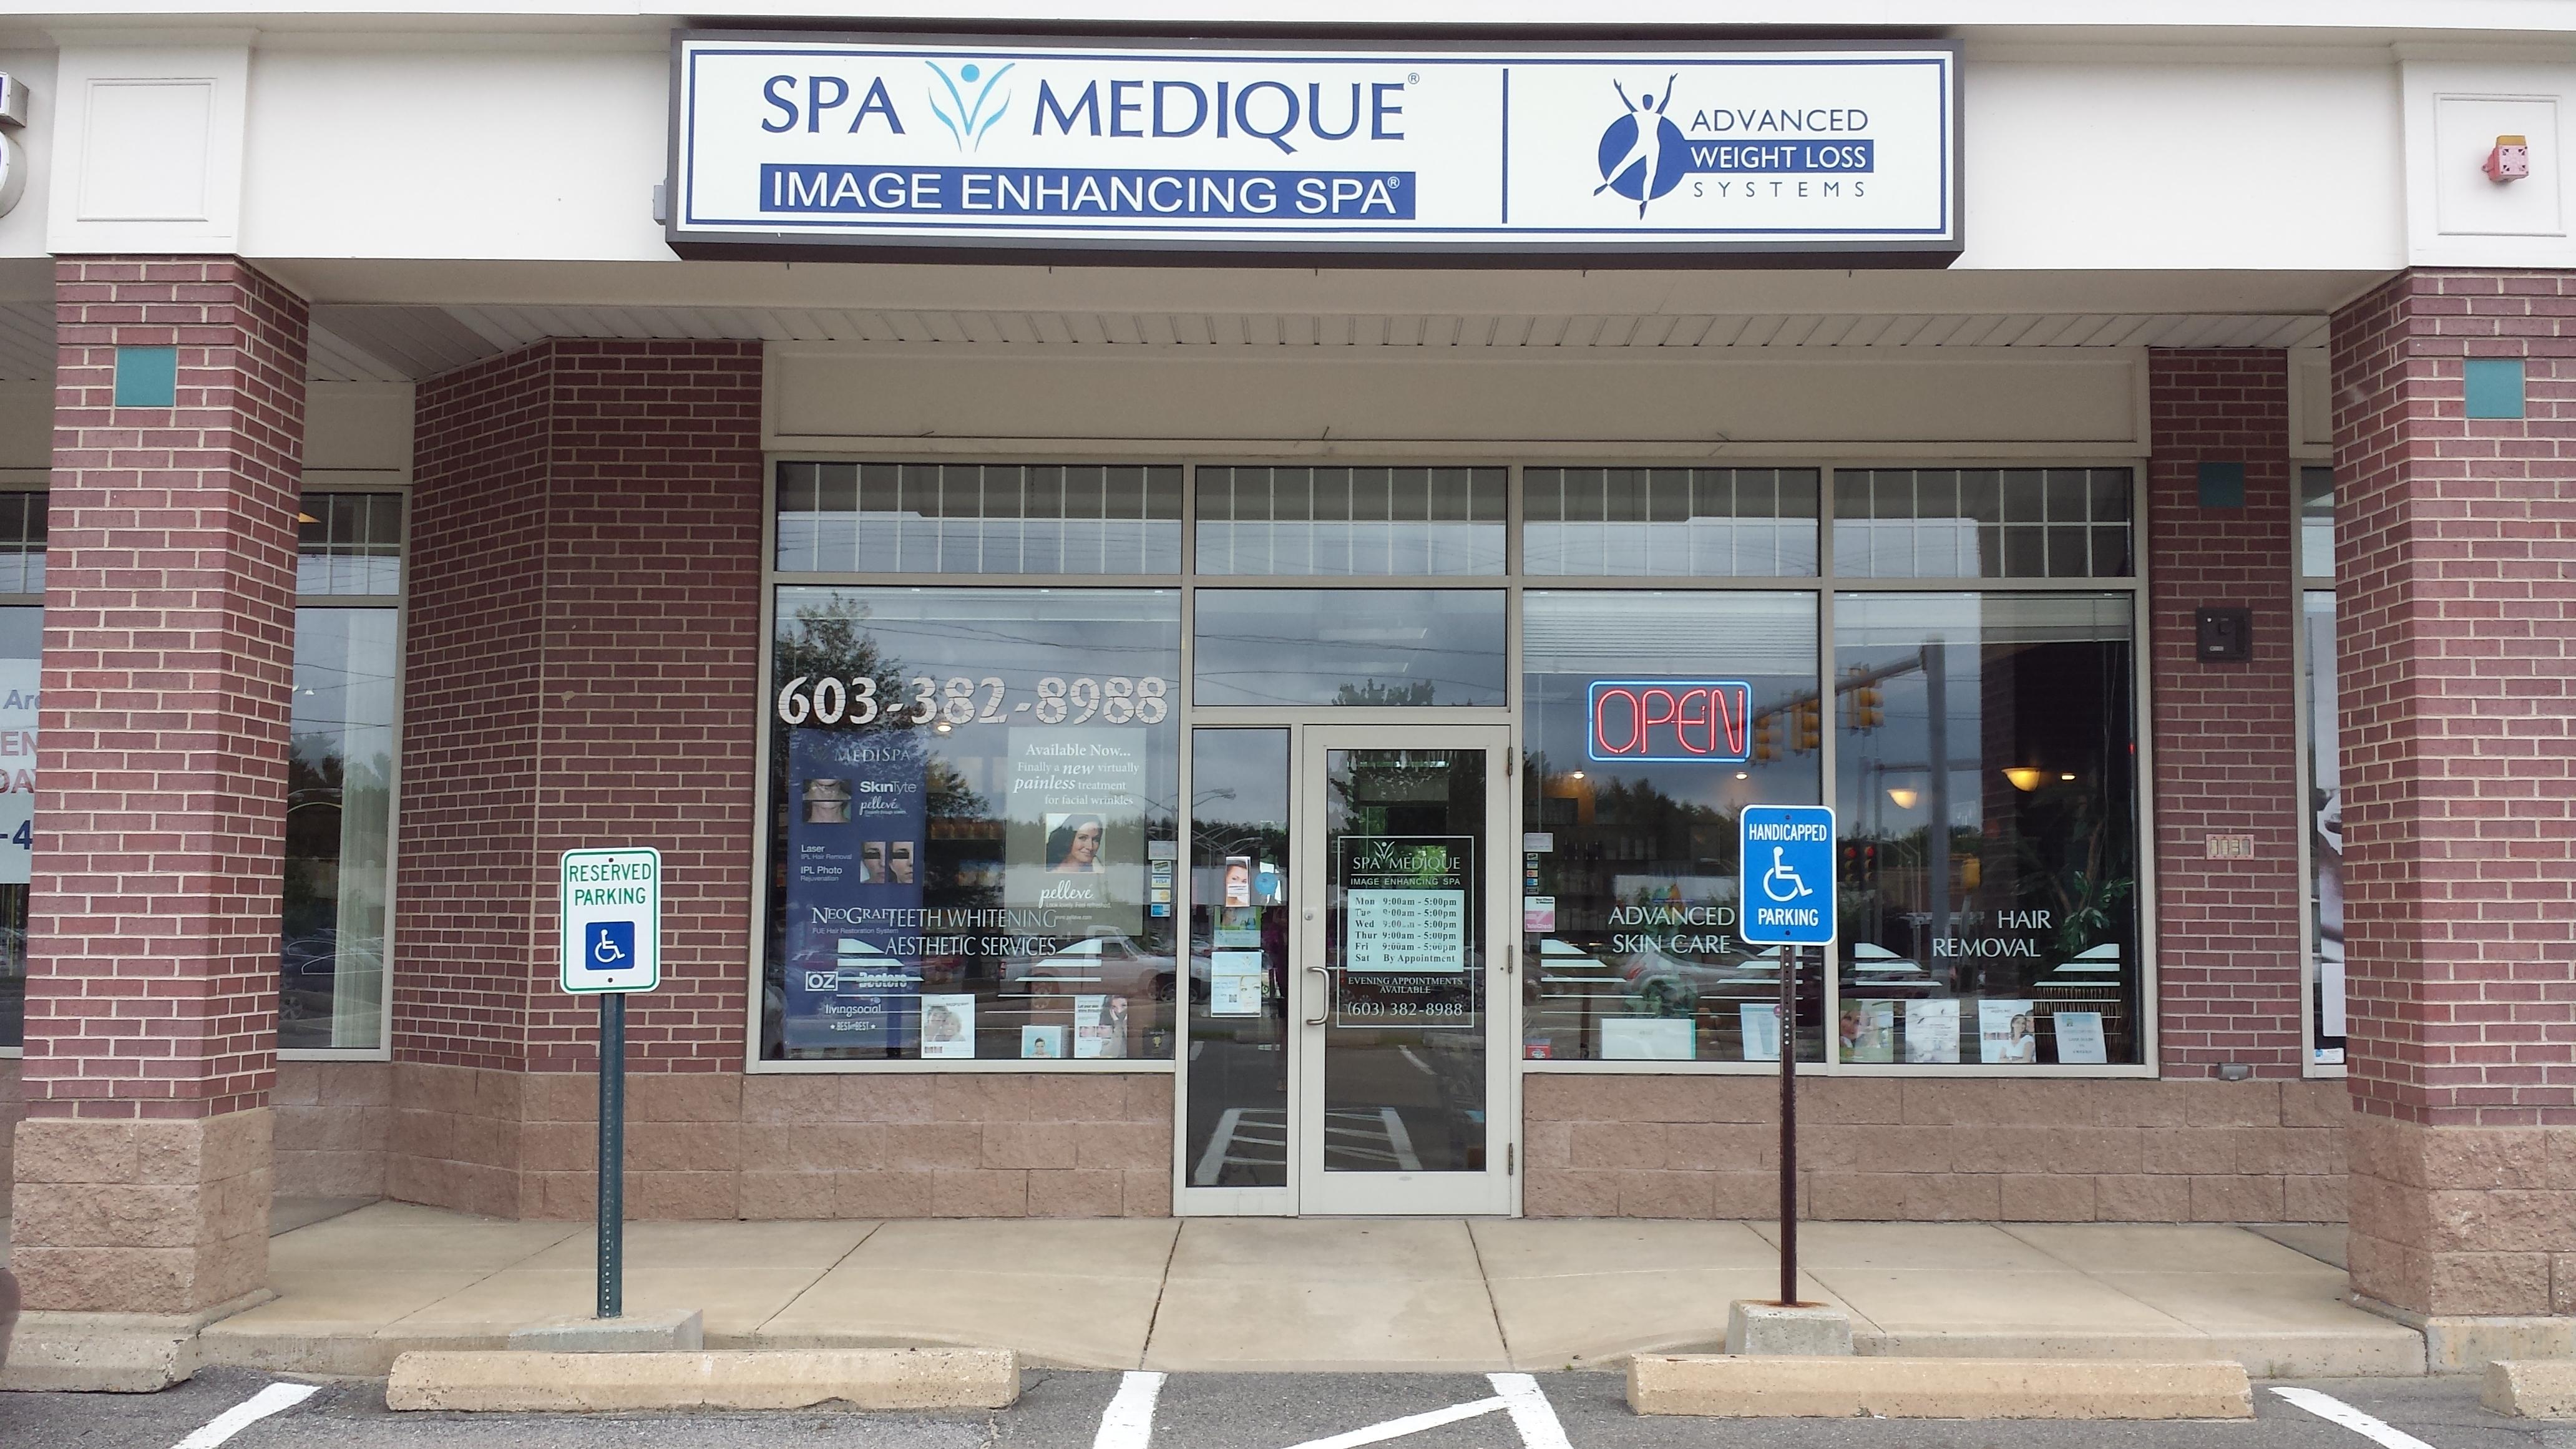 Spa Medique, Plaistow NH